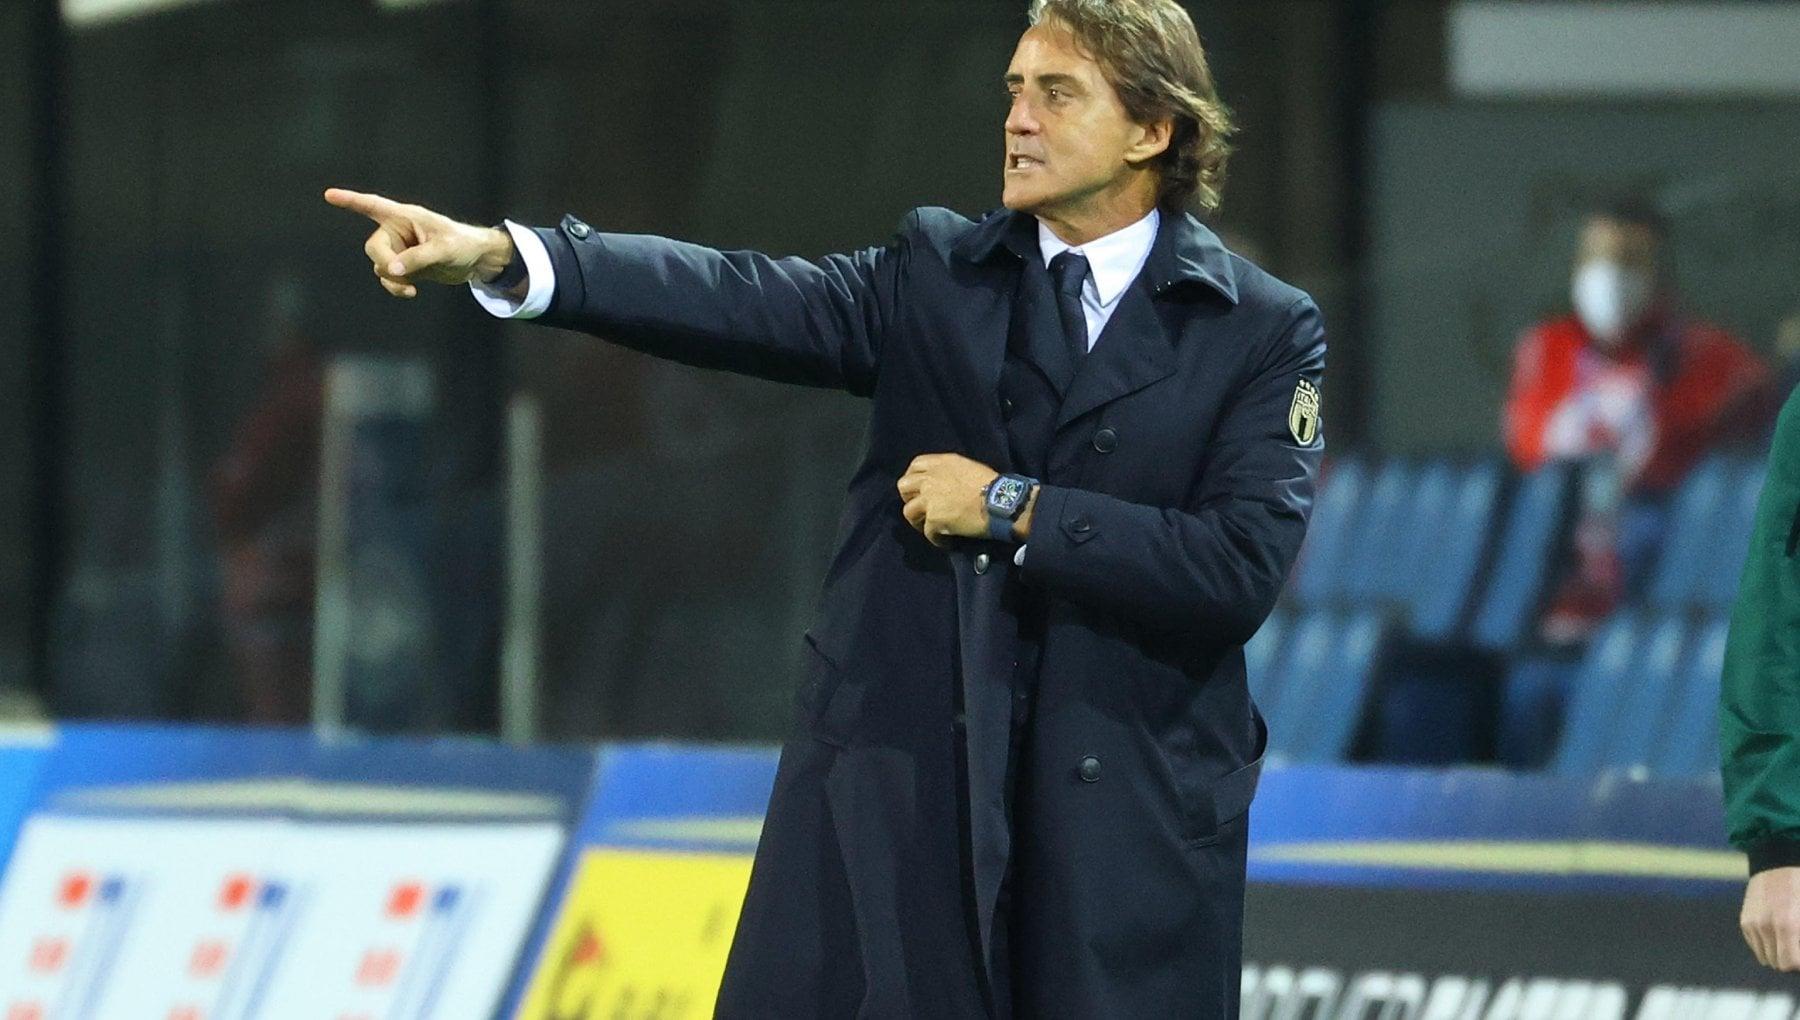 Mondiali 2022 lItalia di Mancini scopre il suo girone di qualificazione